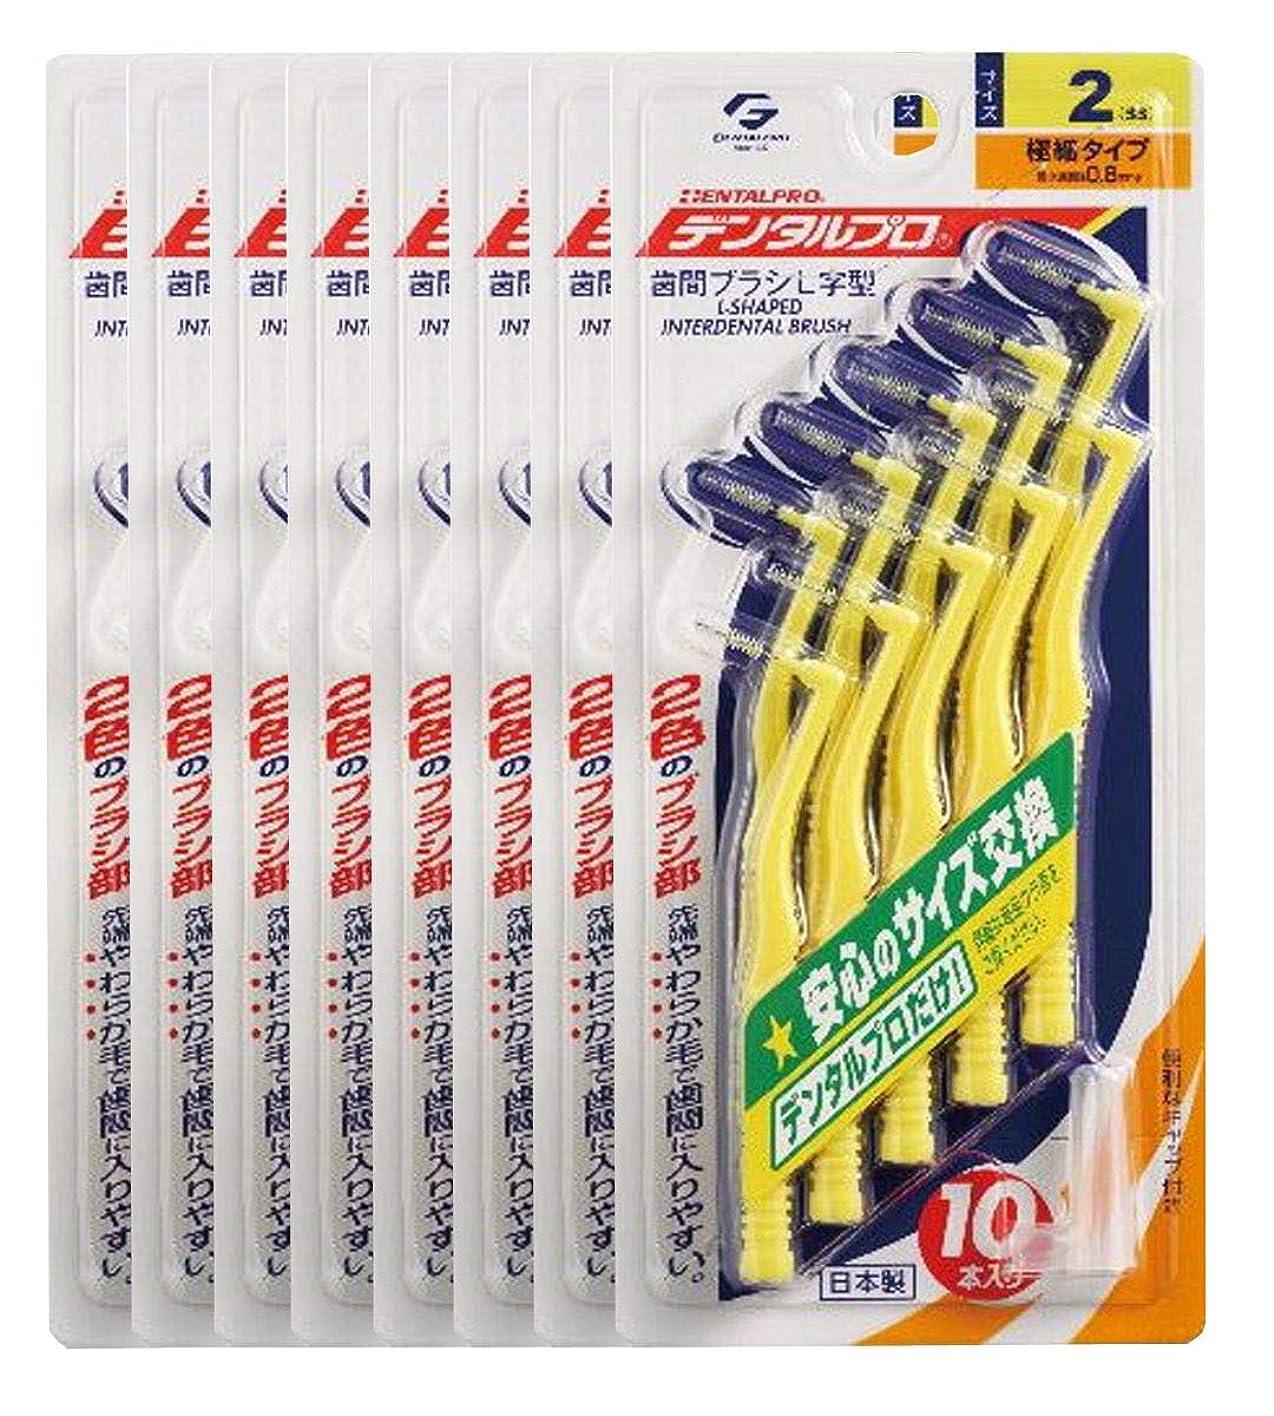 耳話すより良いデンタルプロ 歯間ブラシ L字型 10本入 サイズ 2 (SS) × 8個セット